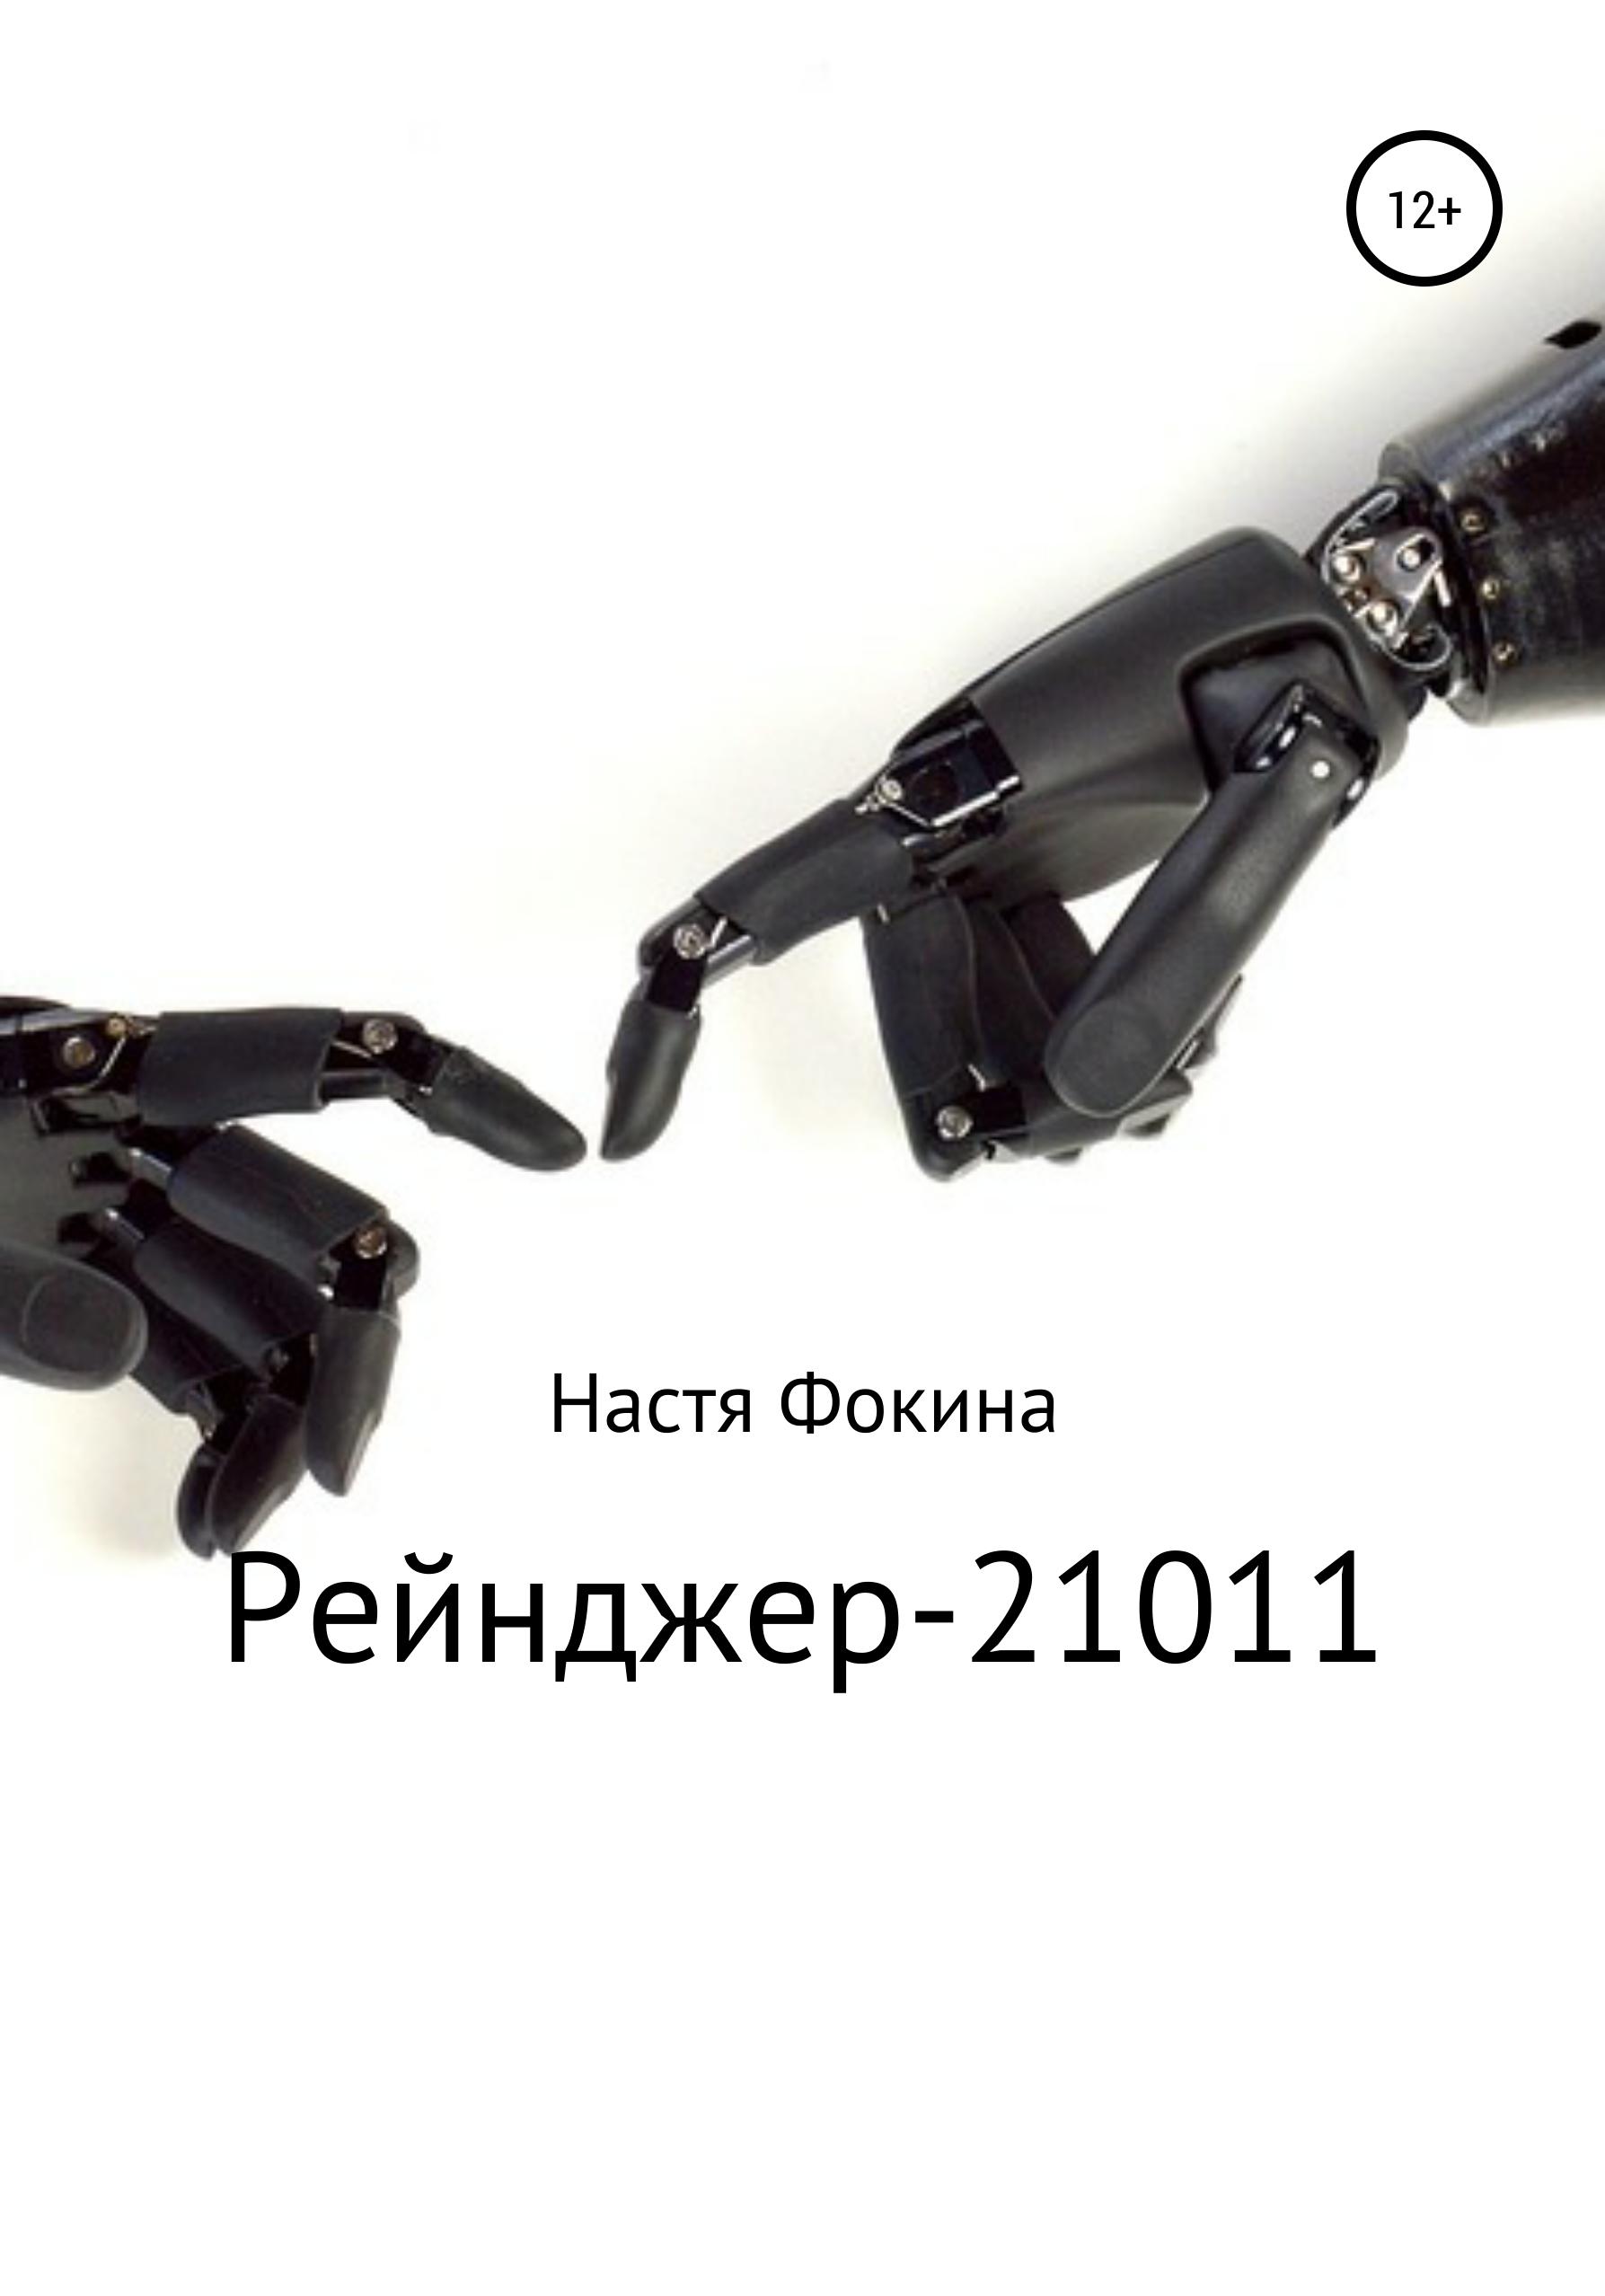 Рейнджер-21011